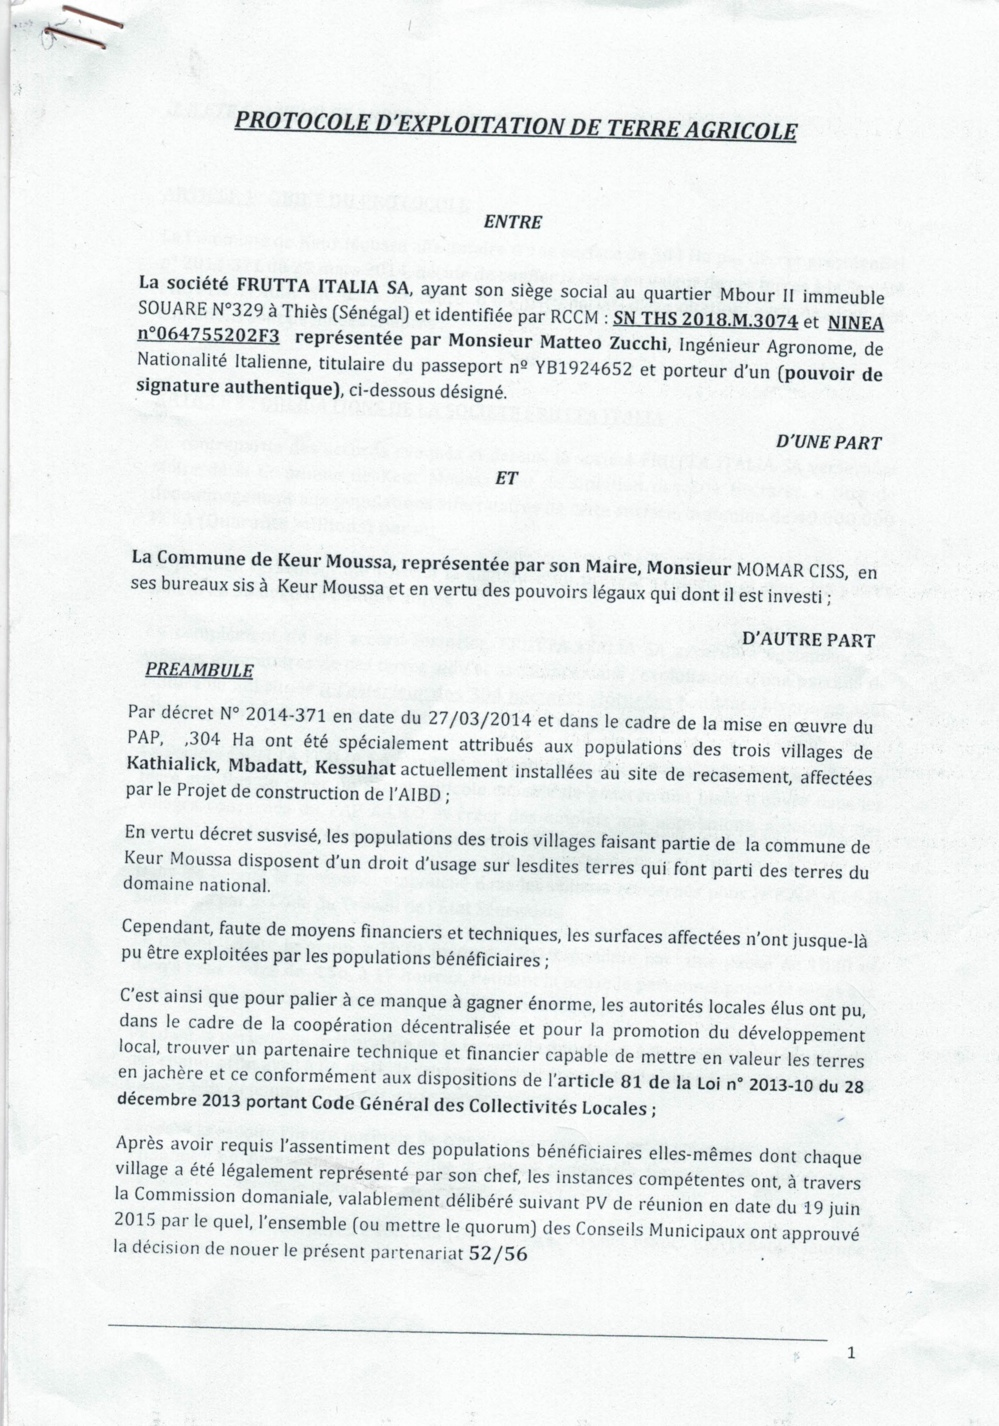 Scandale foncier à Keur Moussa / Les impactés de l'AIBD dépossédés de leurs terres: Le Maire Momar Ciss accusé d'occuper la centralité du litige